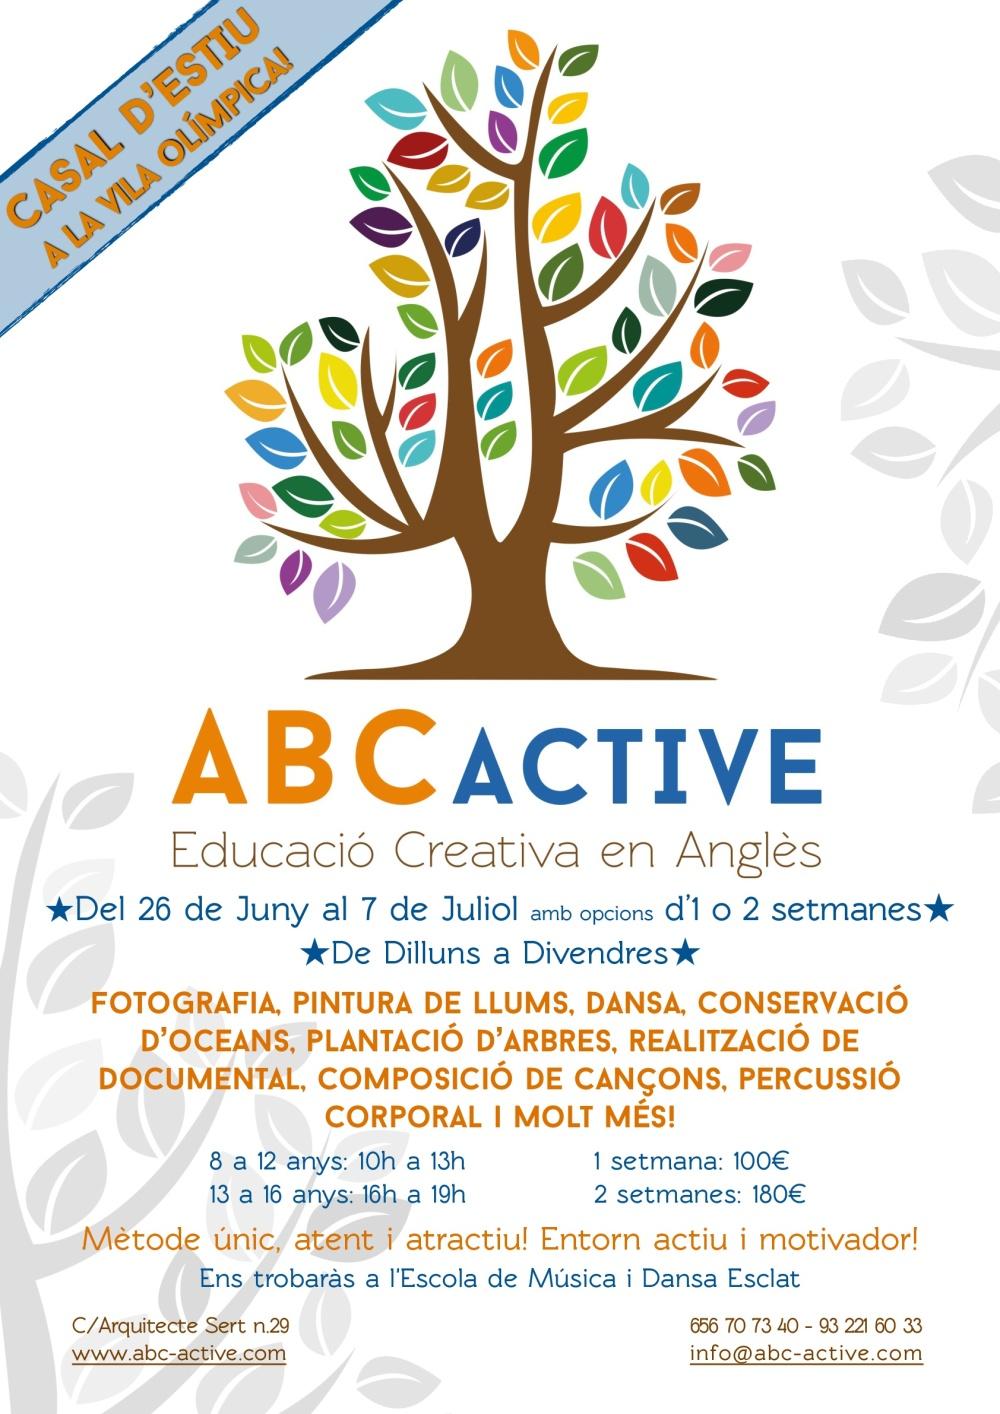 Flyer_ABCactive_casalcopia-001 copia